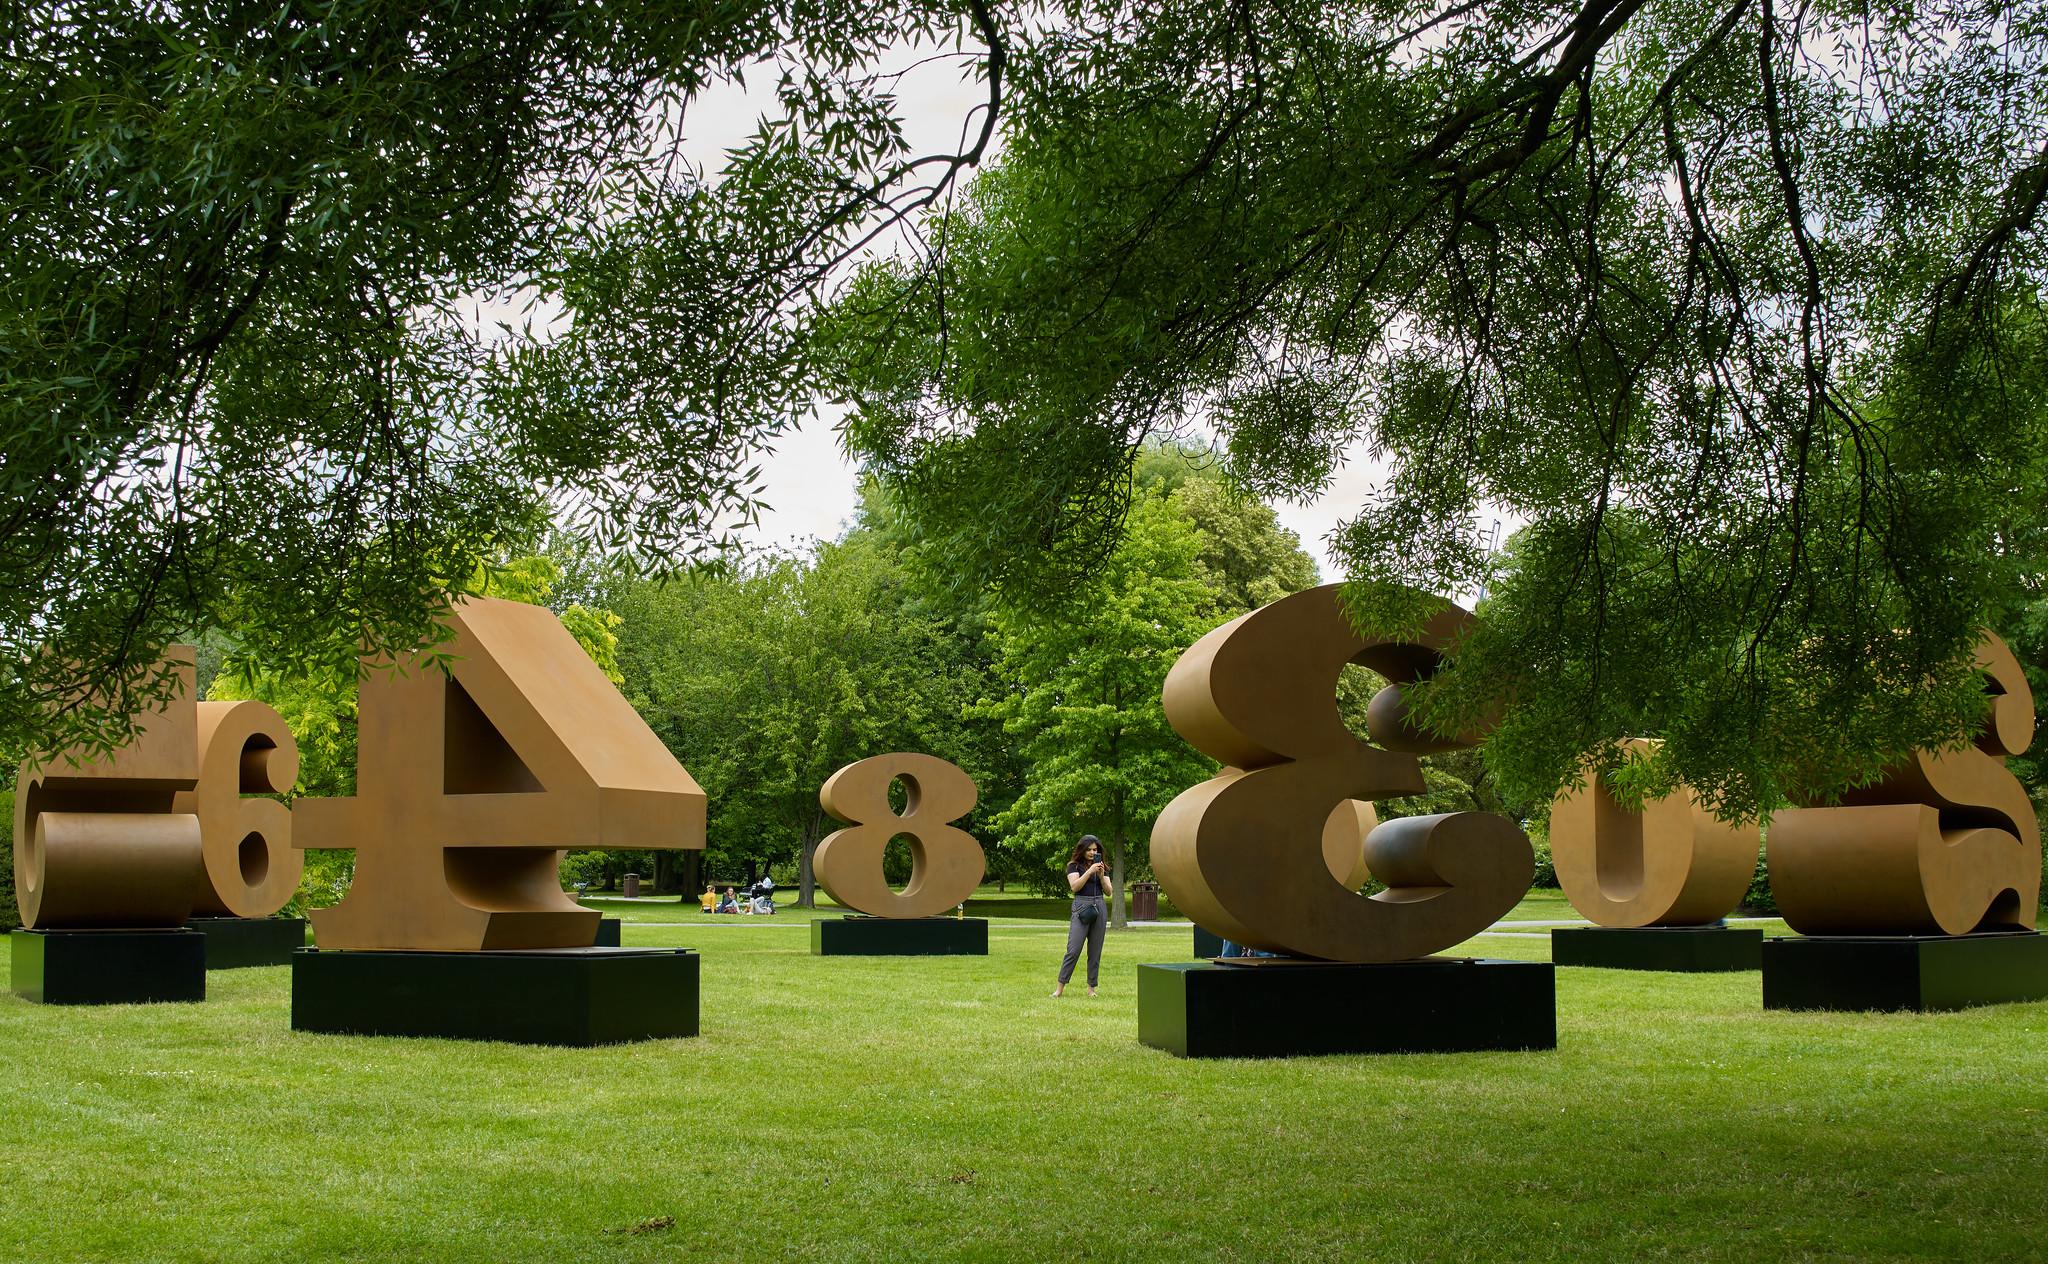 Frieze Sculpture at The Regent's Park, London